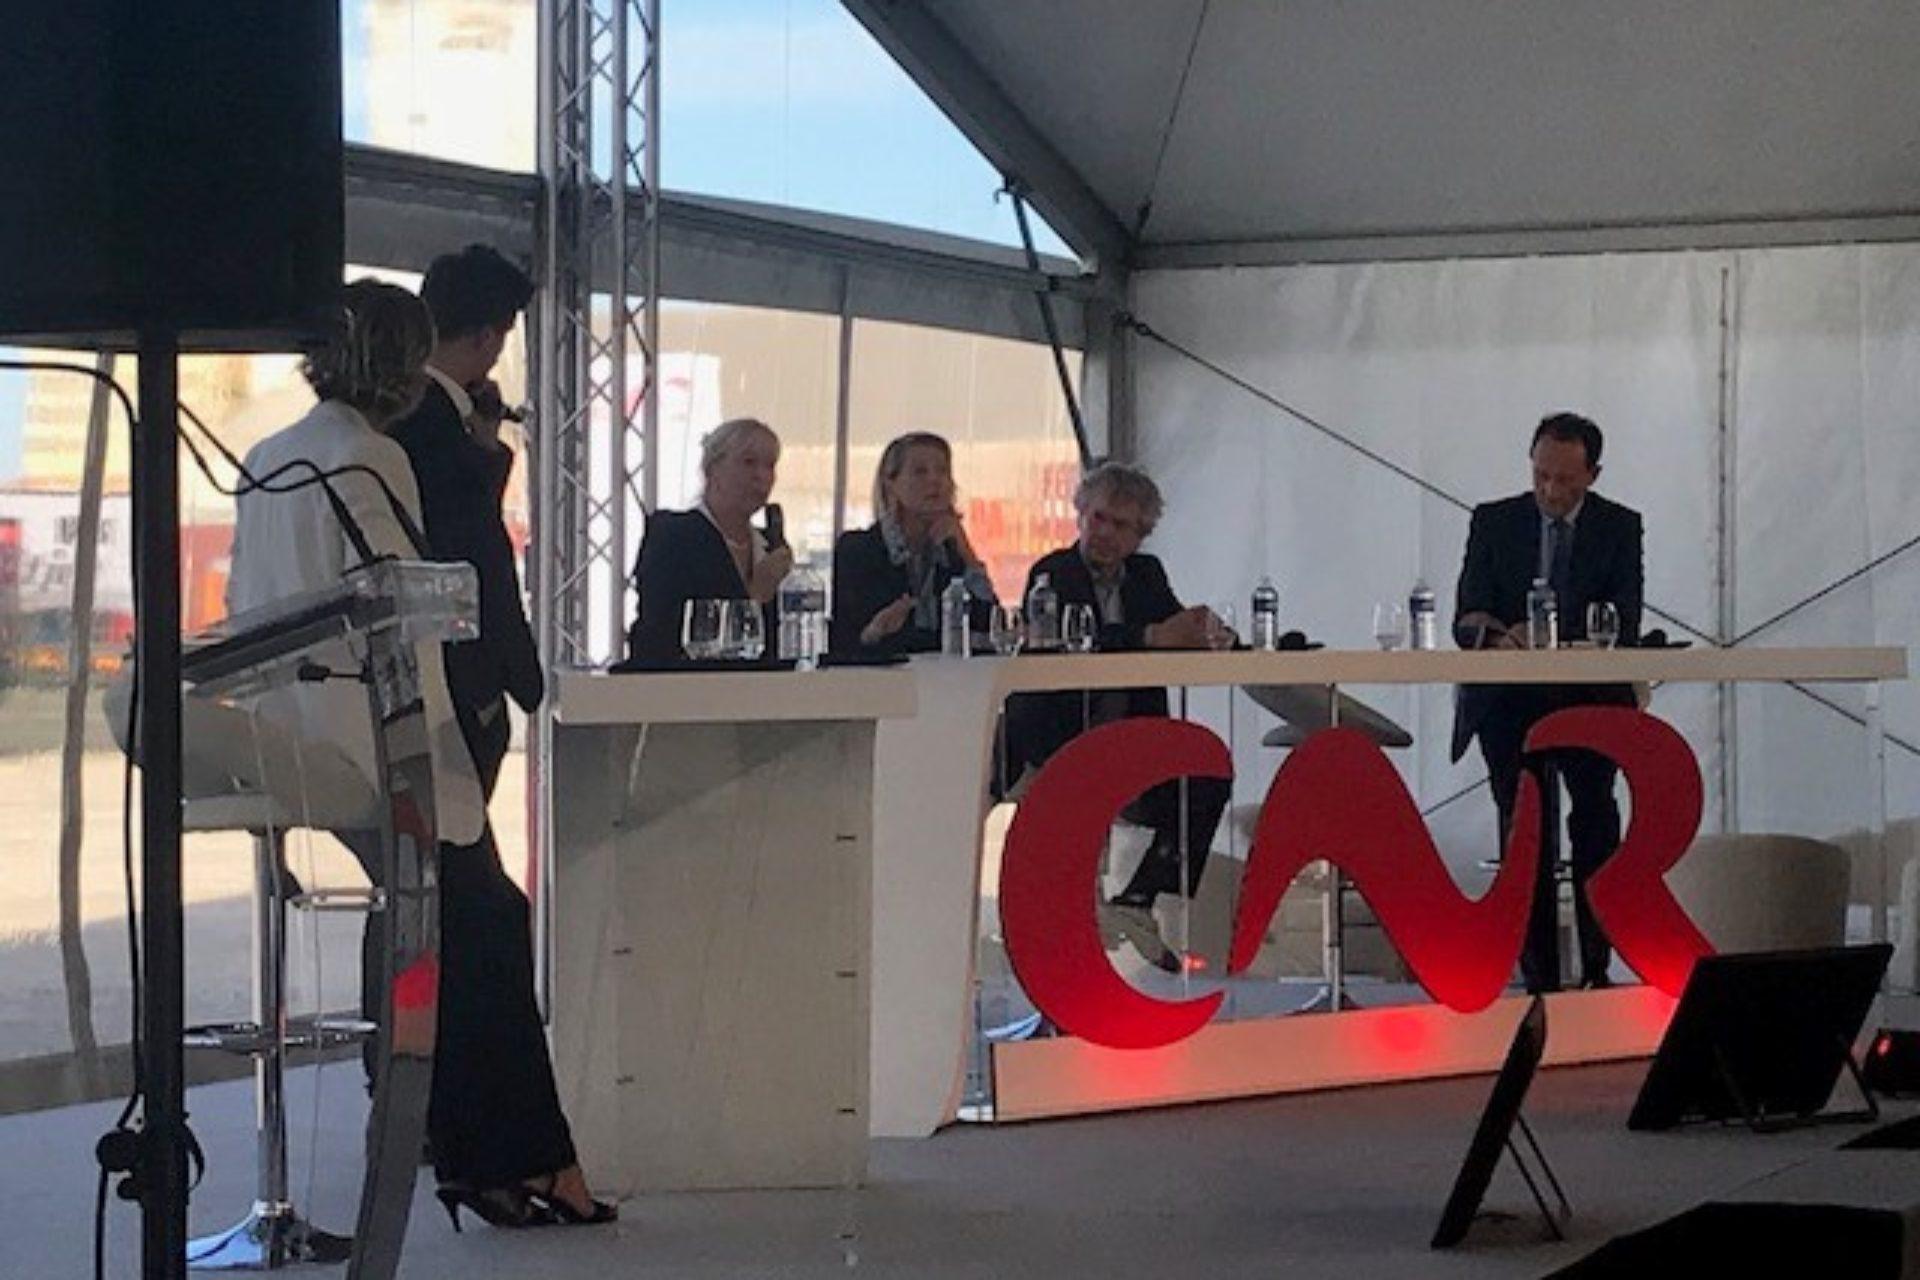 Le port de Lyon célèbre ses 80 ans en se projetant dans l'avenir